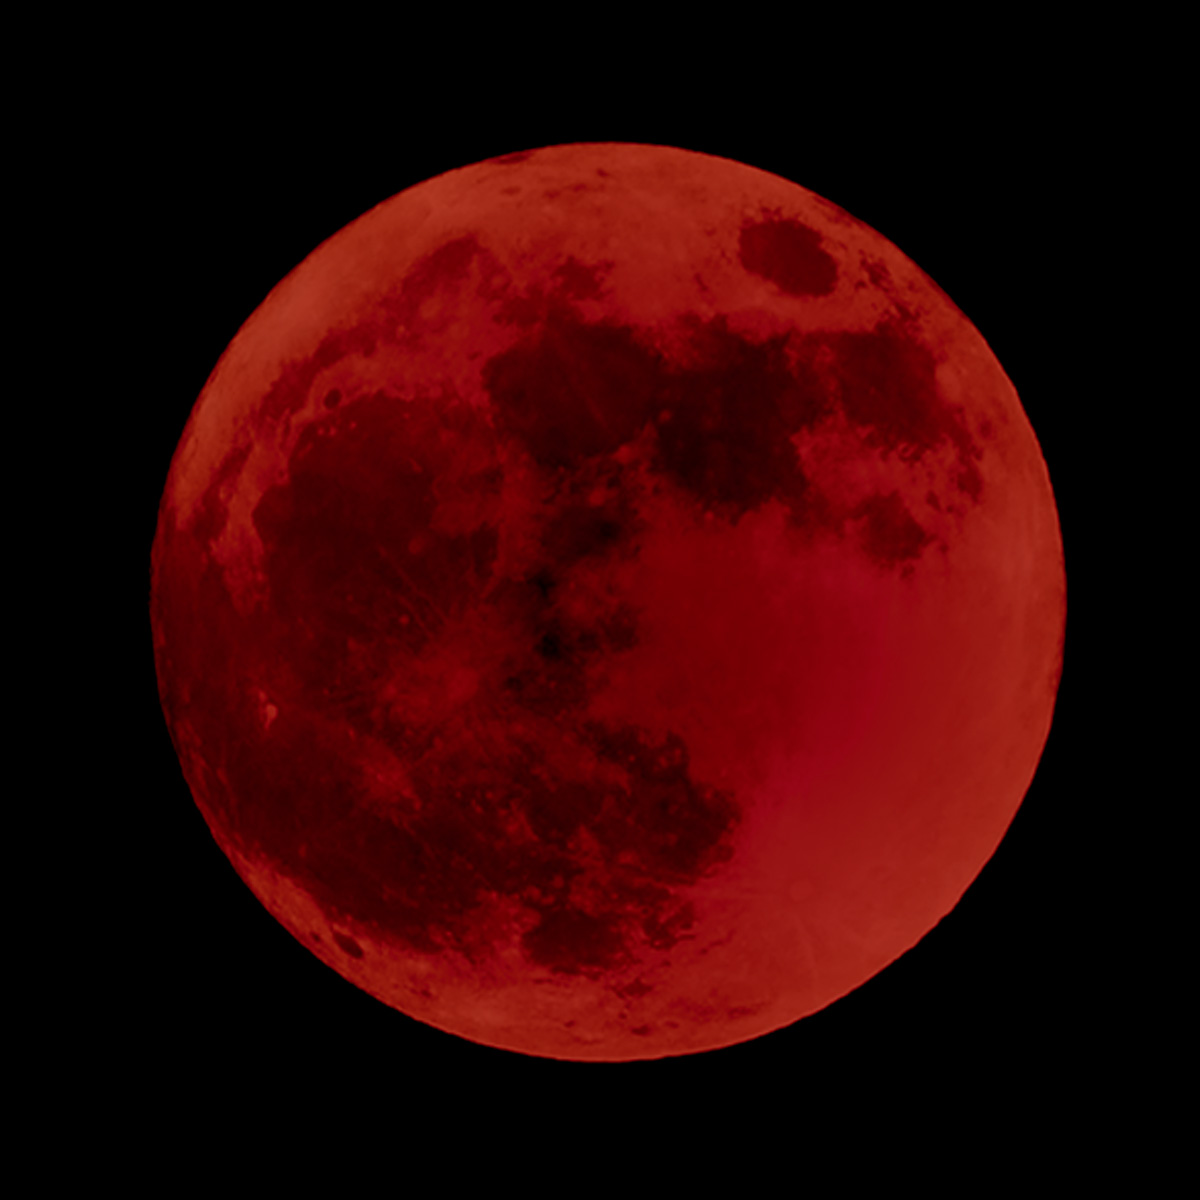 4. Maximum eclipse